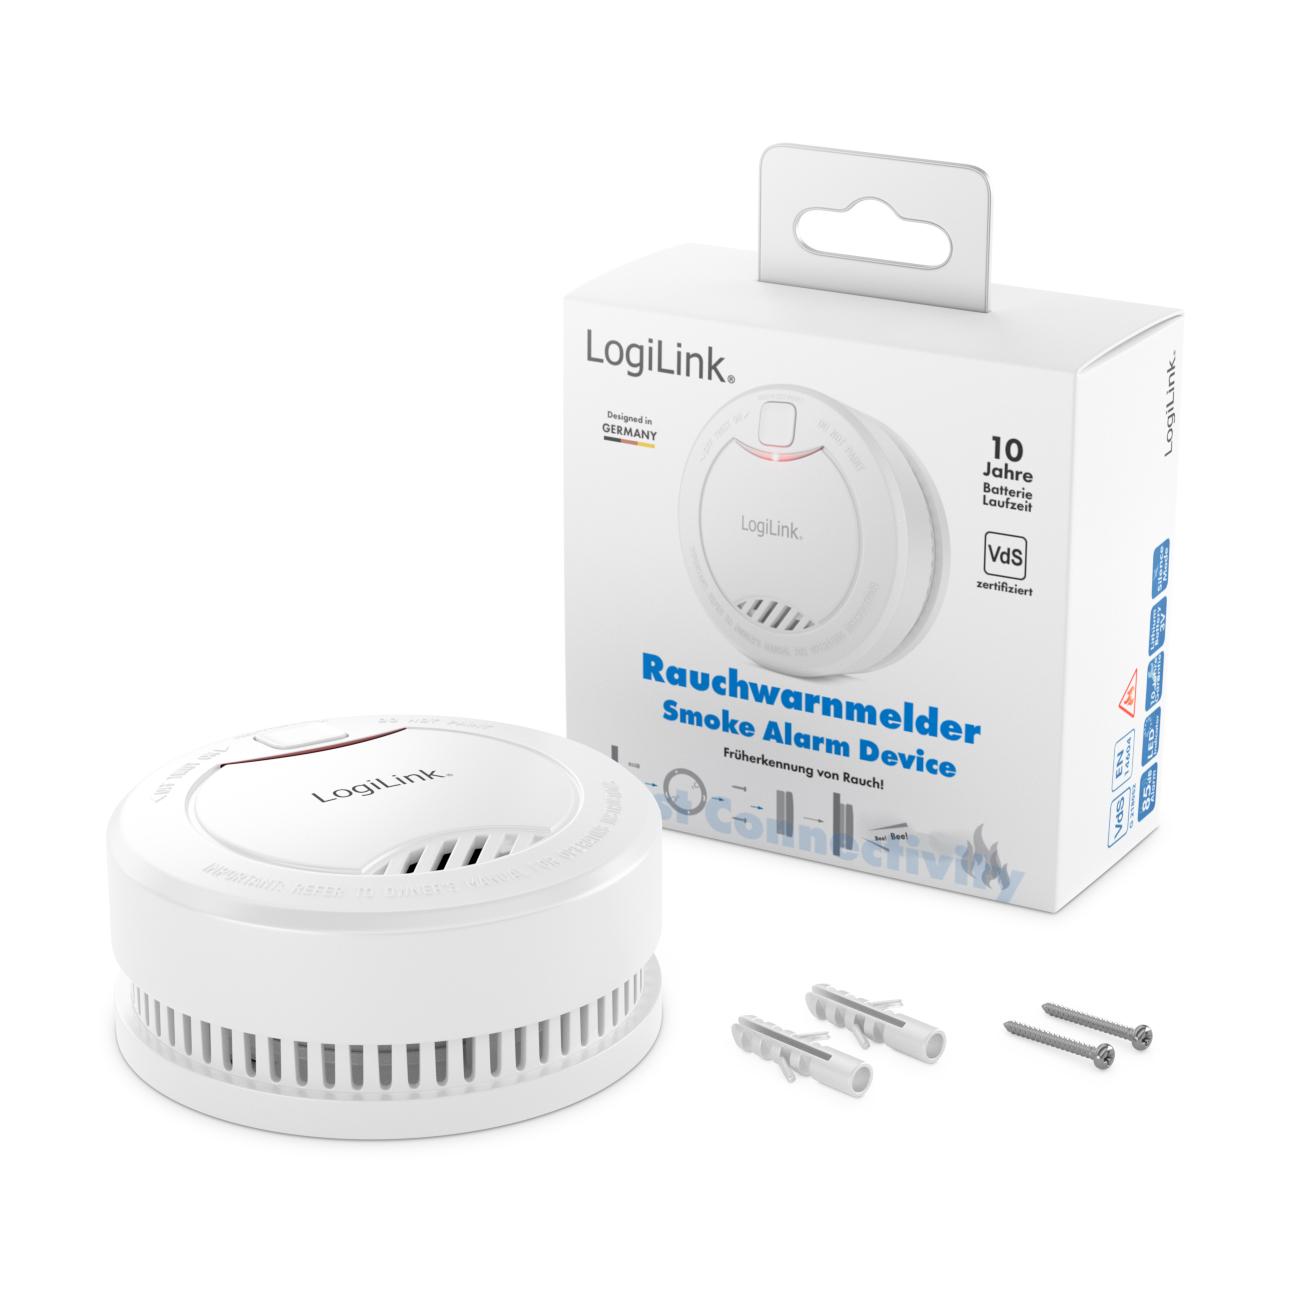 8x logilink rauchmelder vds 10 jahre batterie 85db. Black Bedroom Furniture Sets. Home Design Ideas